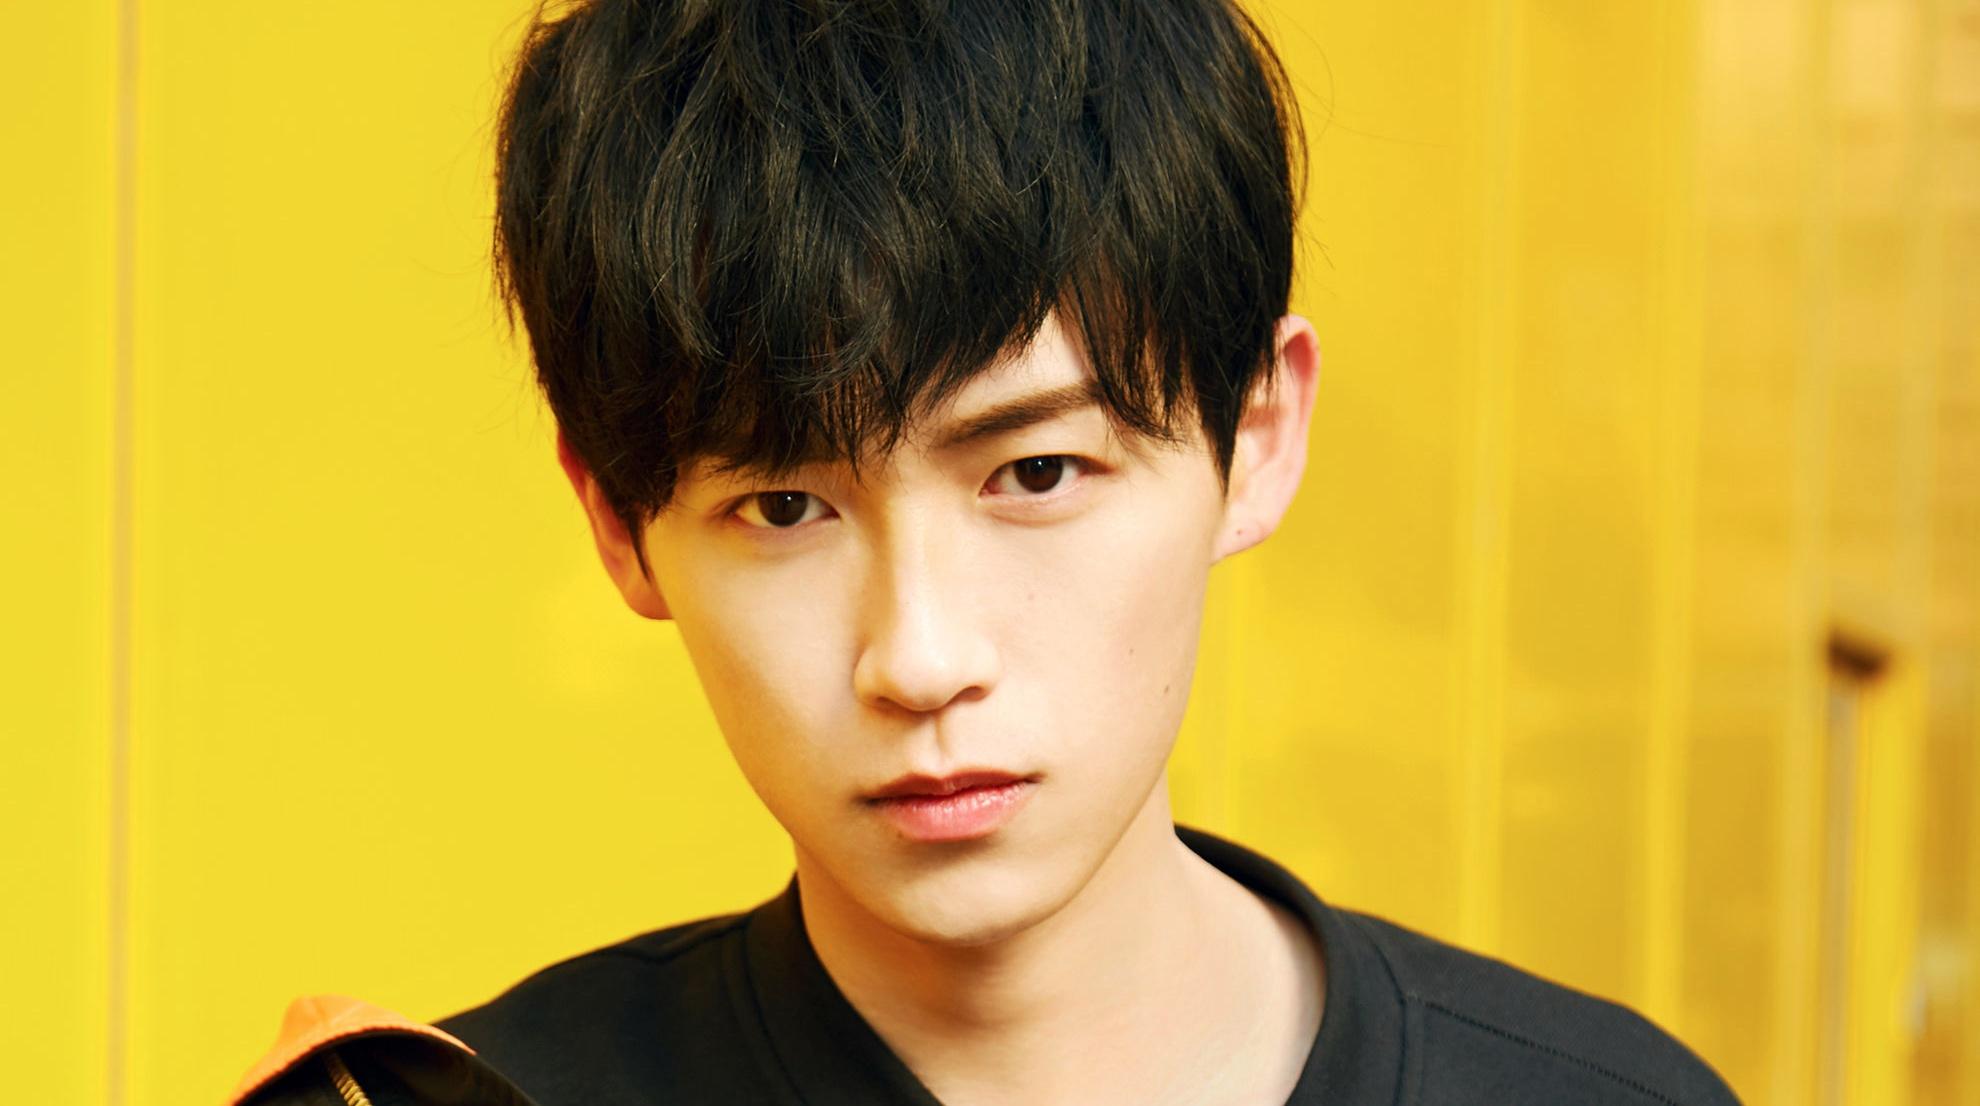 Zha Jie